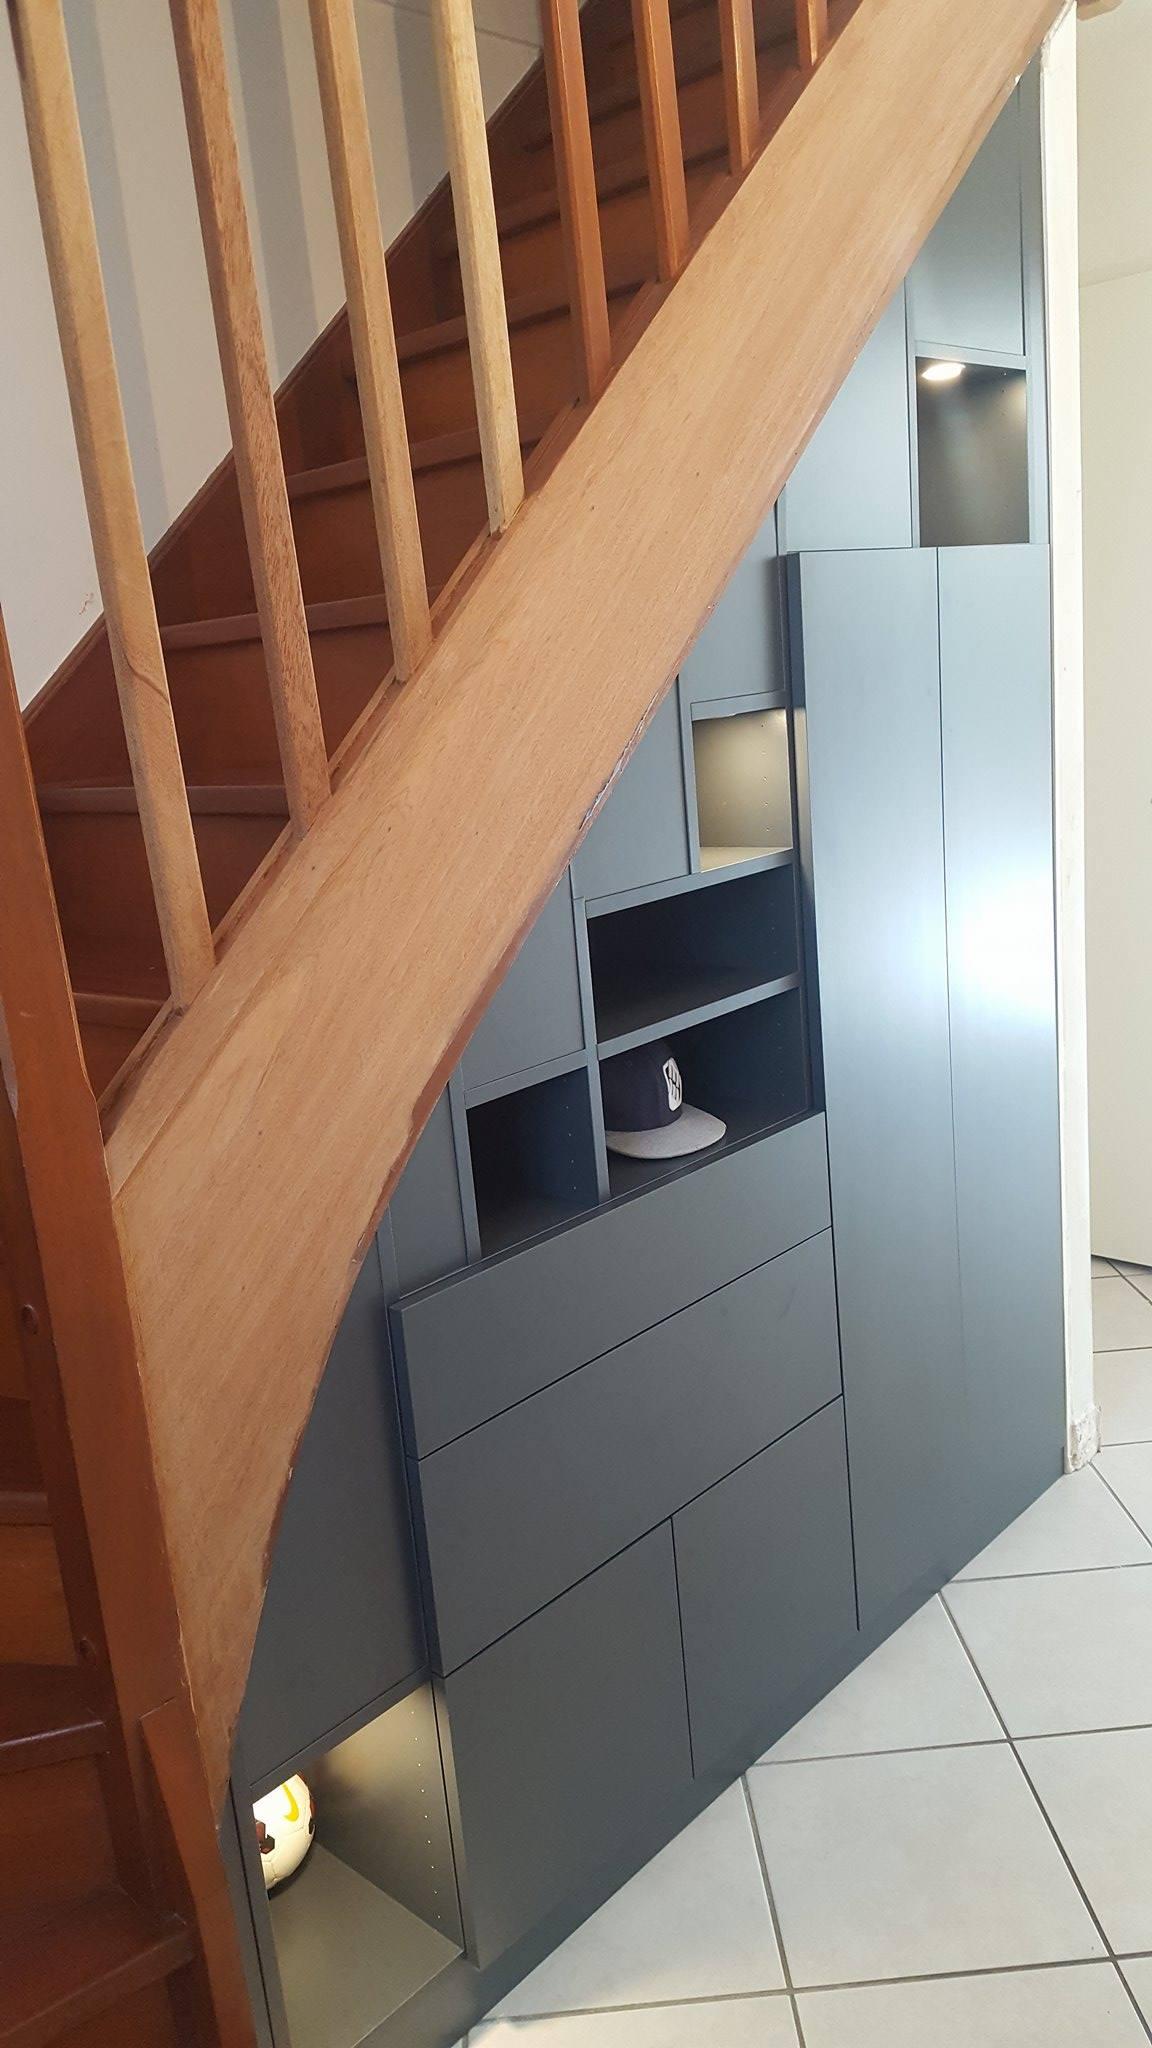 sous escalier avec des niches ouvertes et des éclairages intégrés